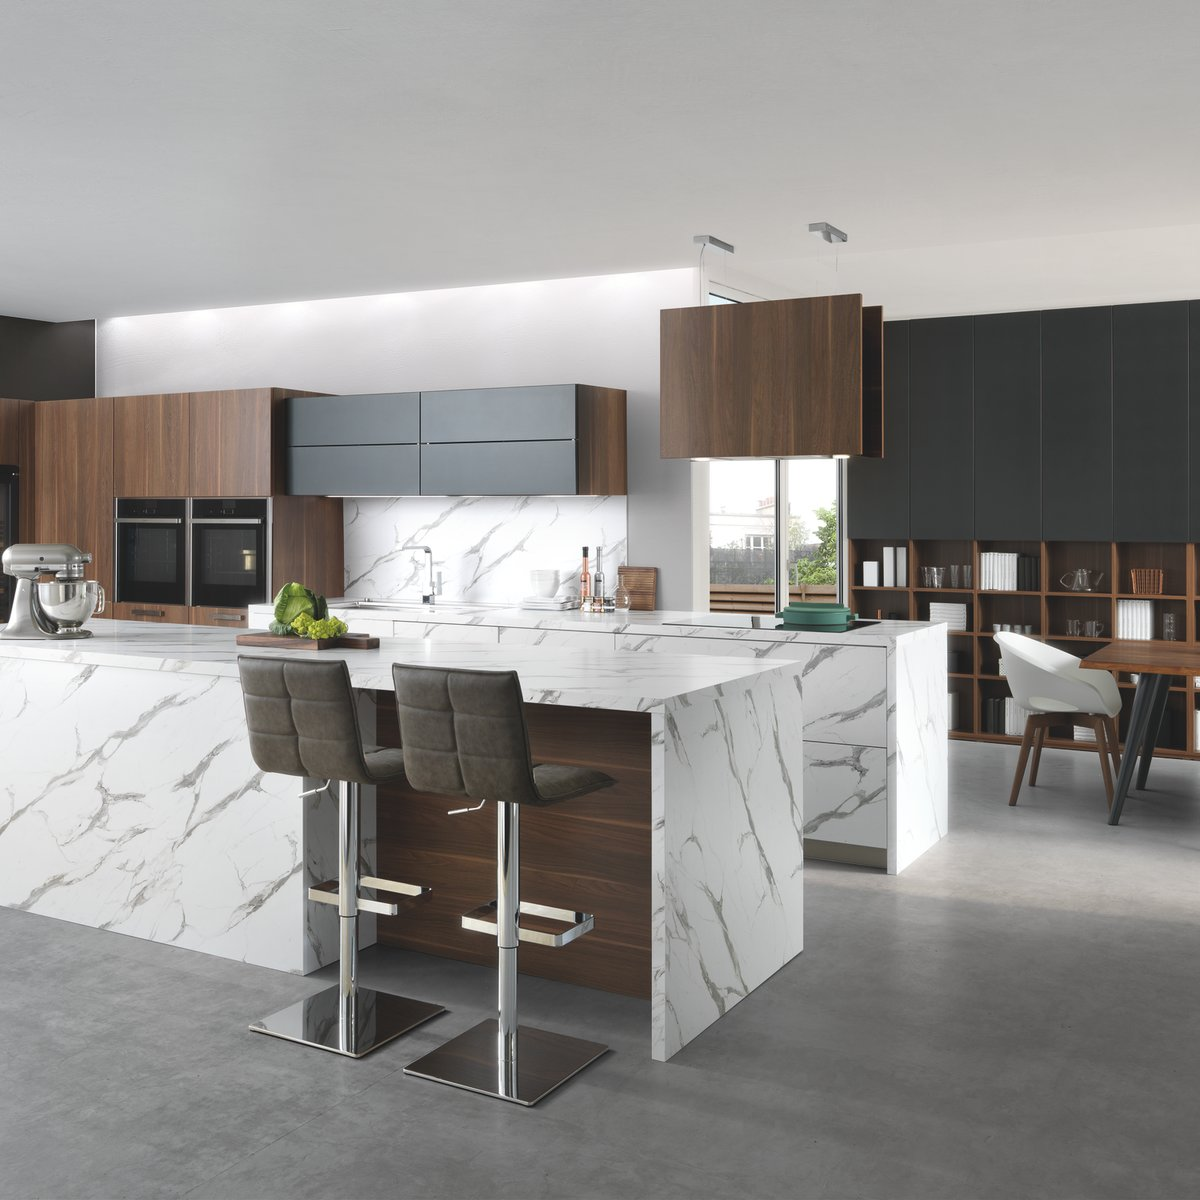 Schmidt cocinas y muebles para el hogar murcia nueva condomina discover in murcia - Muebles anticrisis murcia ...